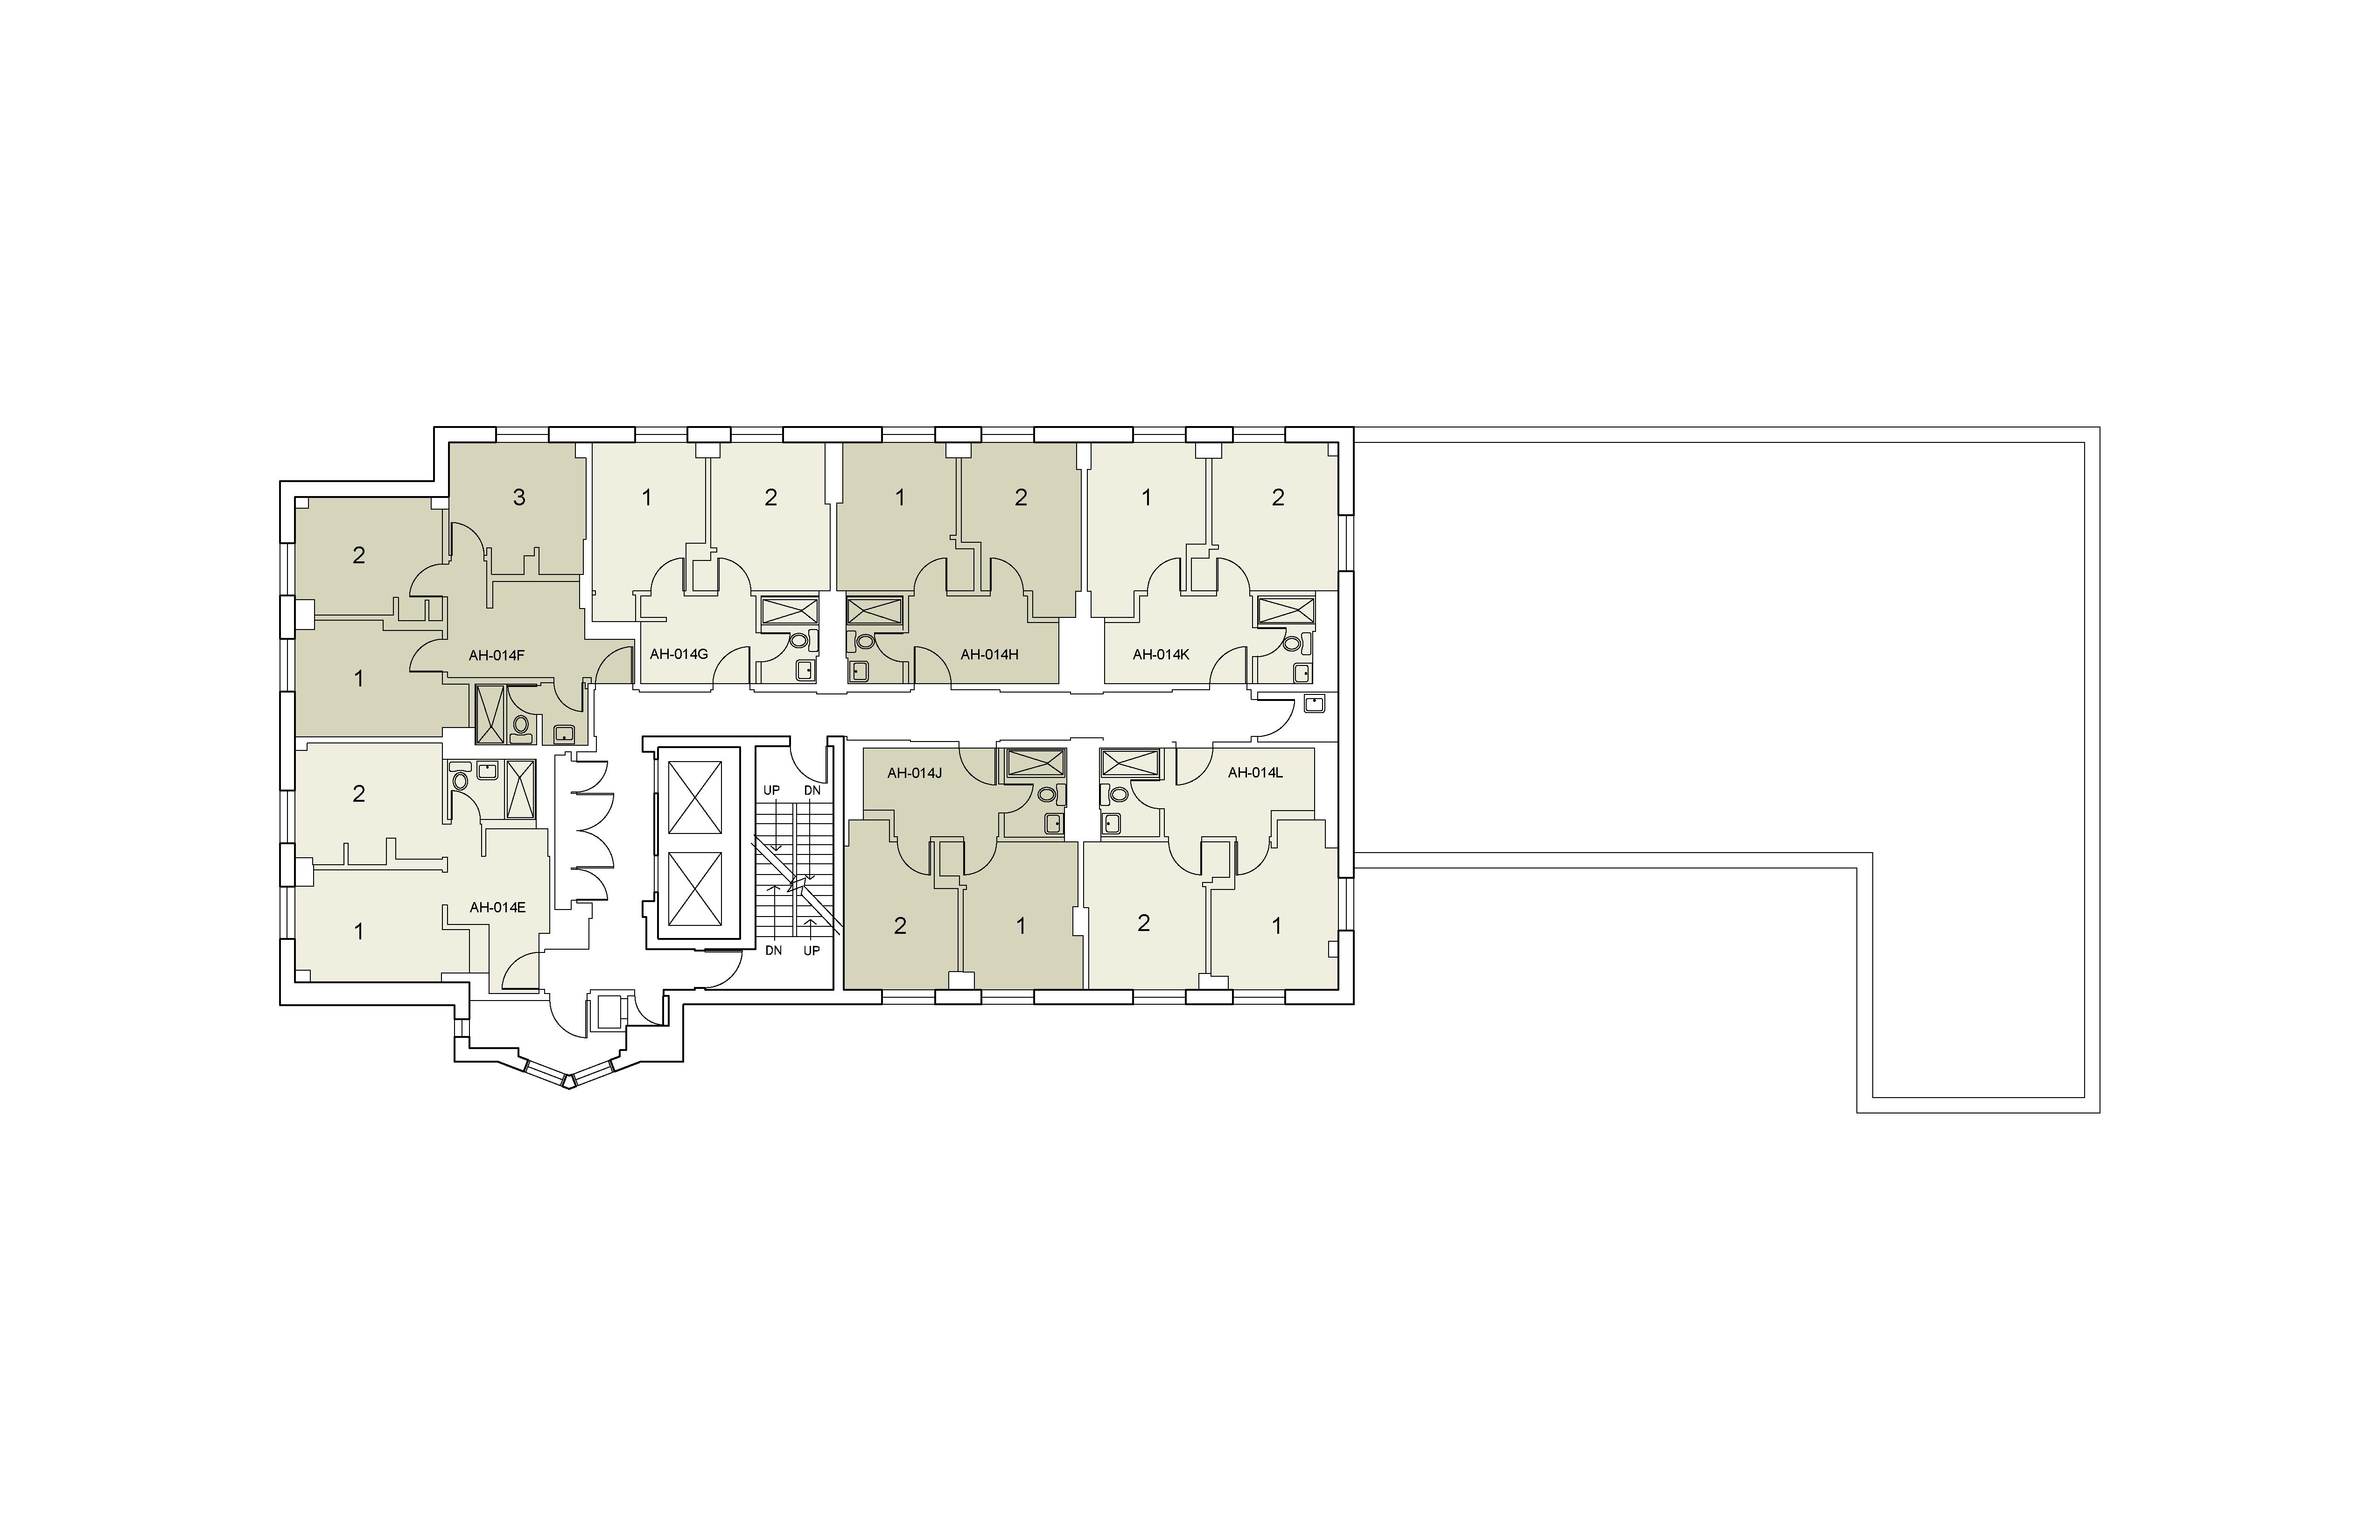 Floor plan for Alumni Floor 14